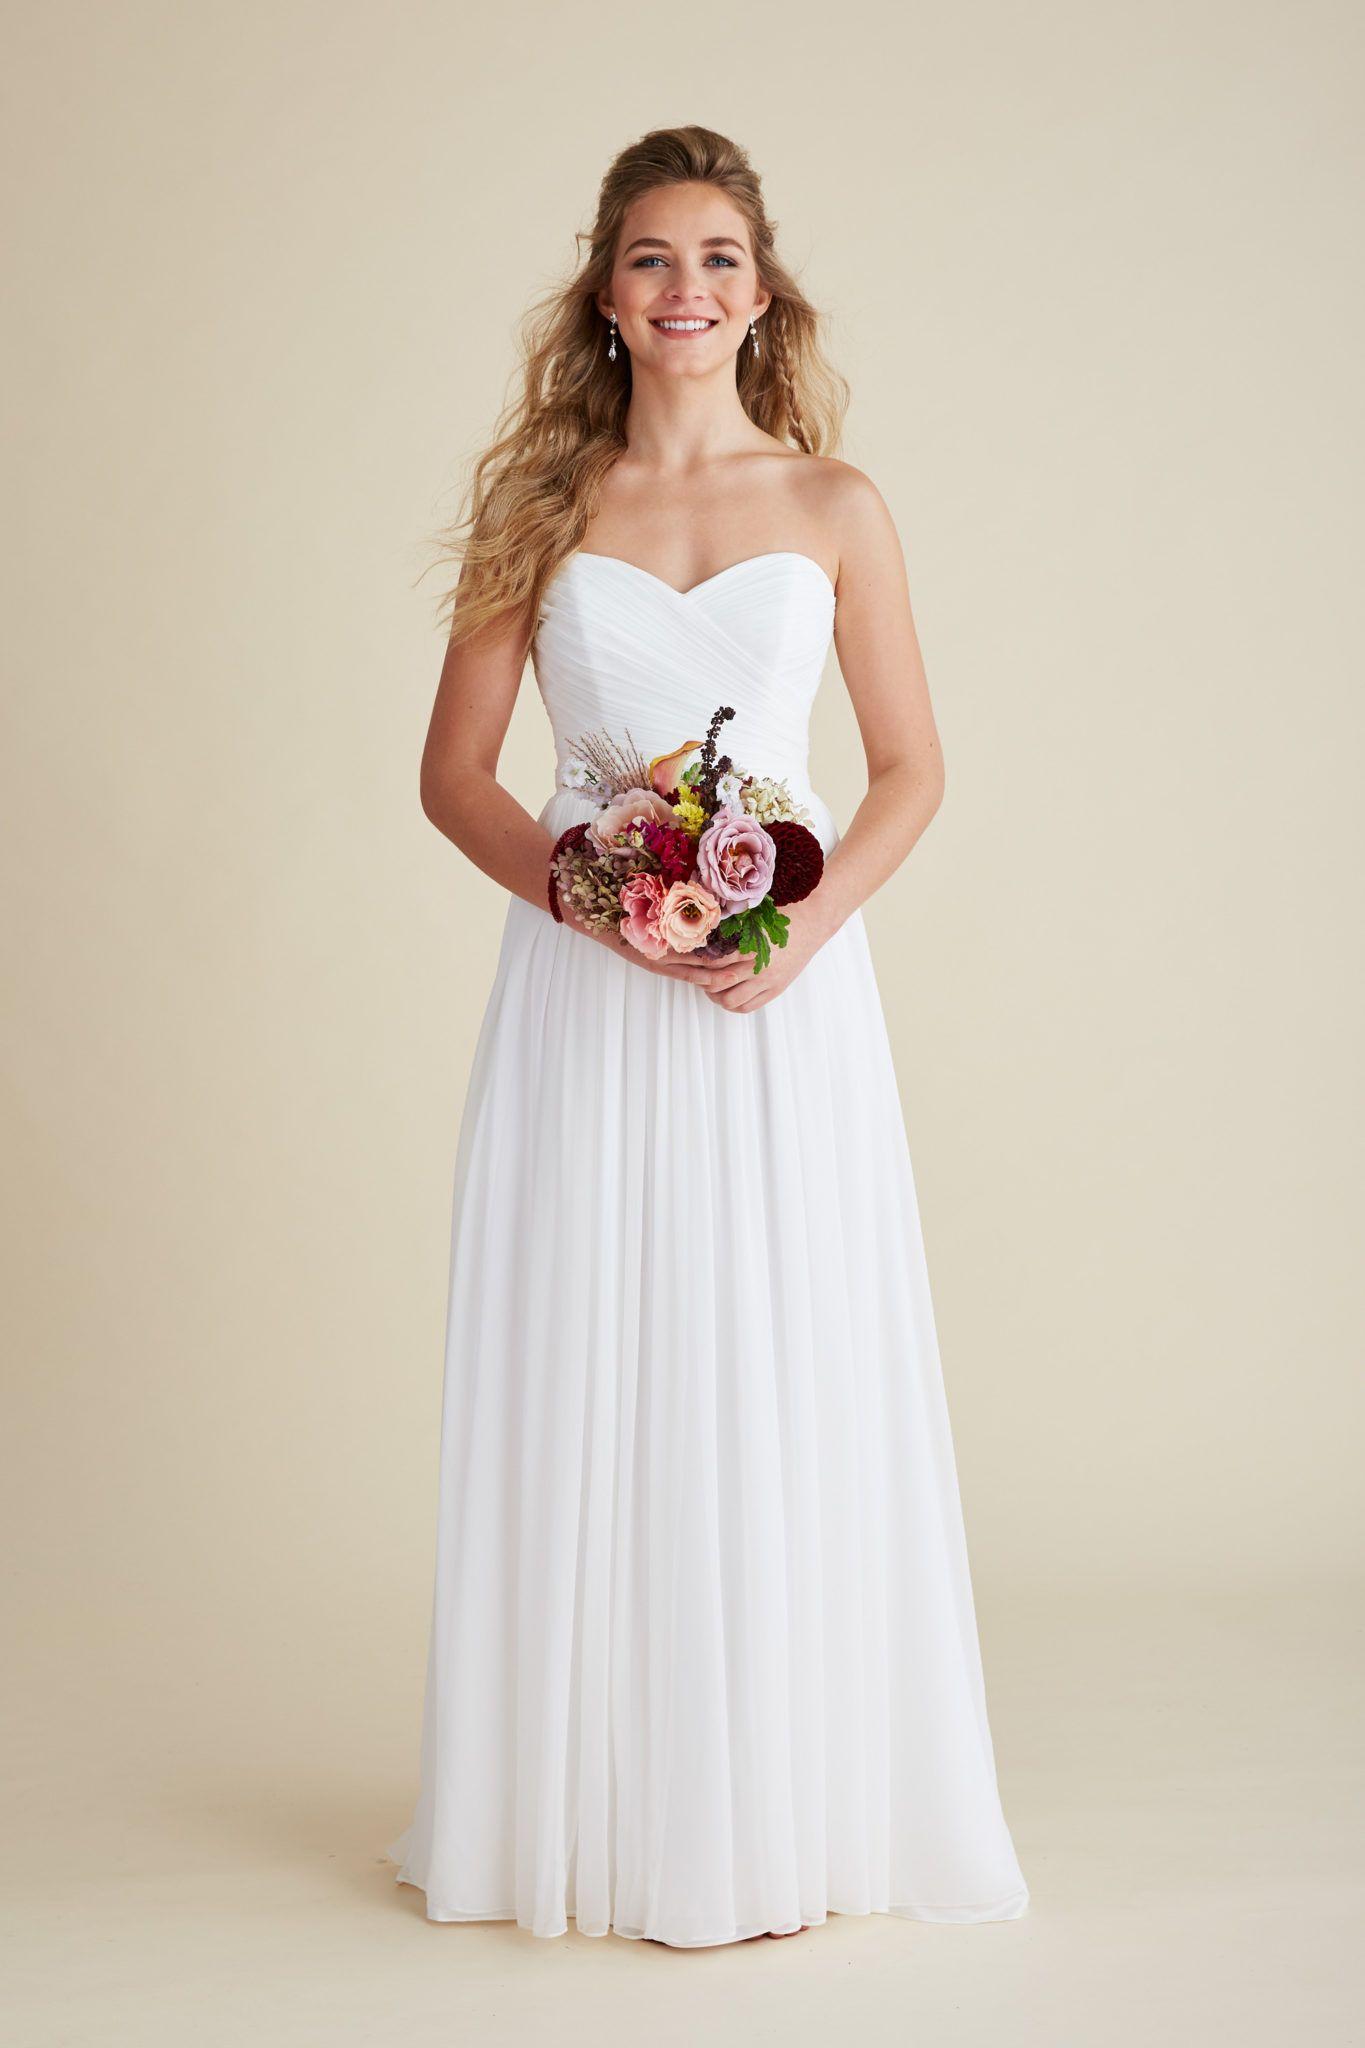 Astrid & Mercedes Bliss Gown   Wedding Dresses   Pinterest   Bliss ...